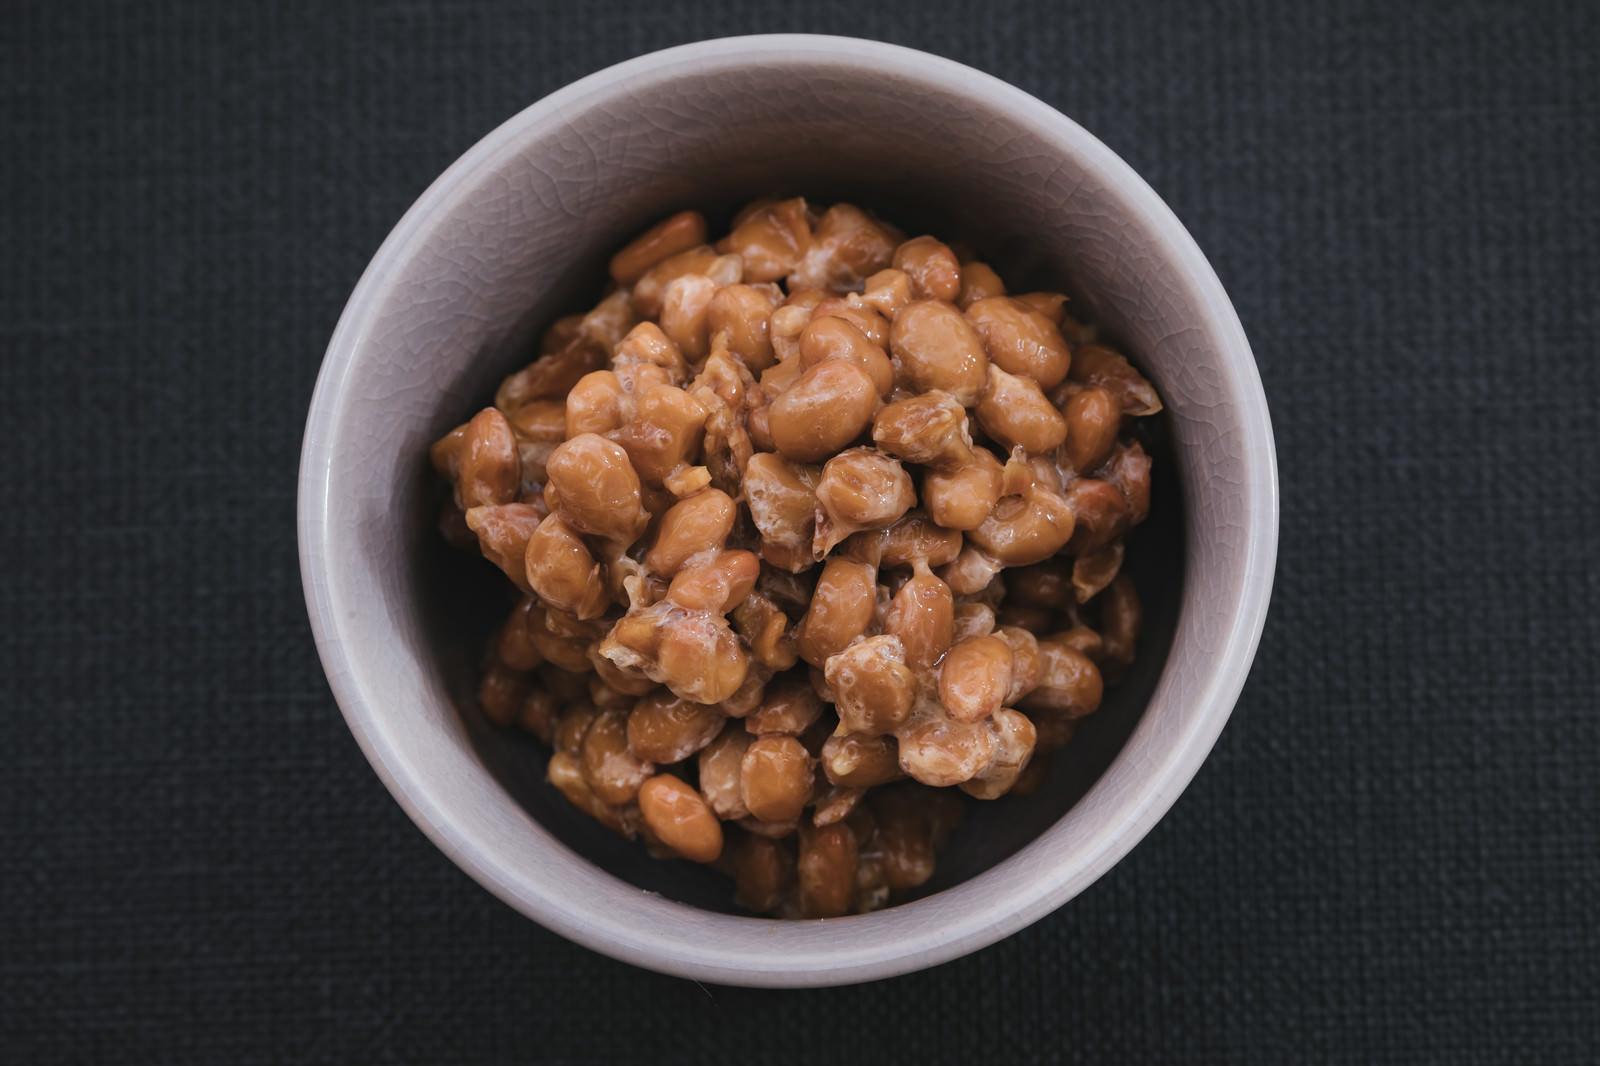 「朝食納豆朝食納豆」のフリー写真素材を拡大